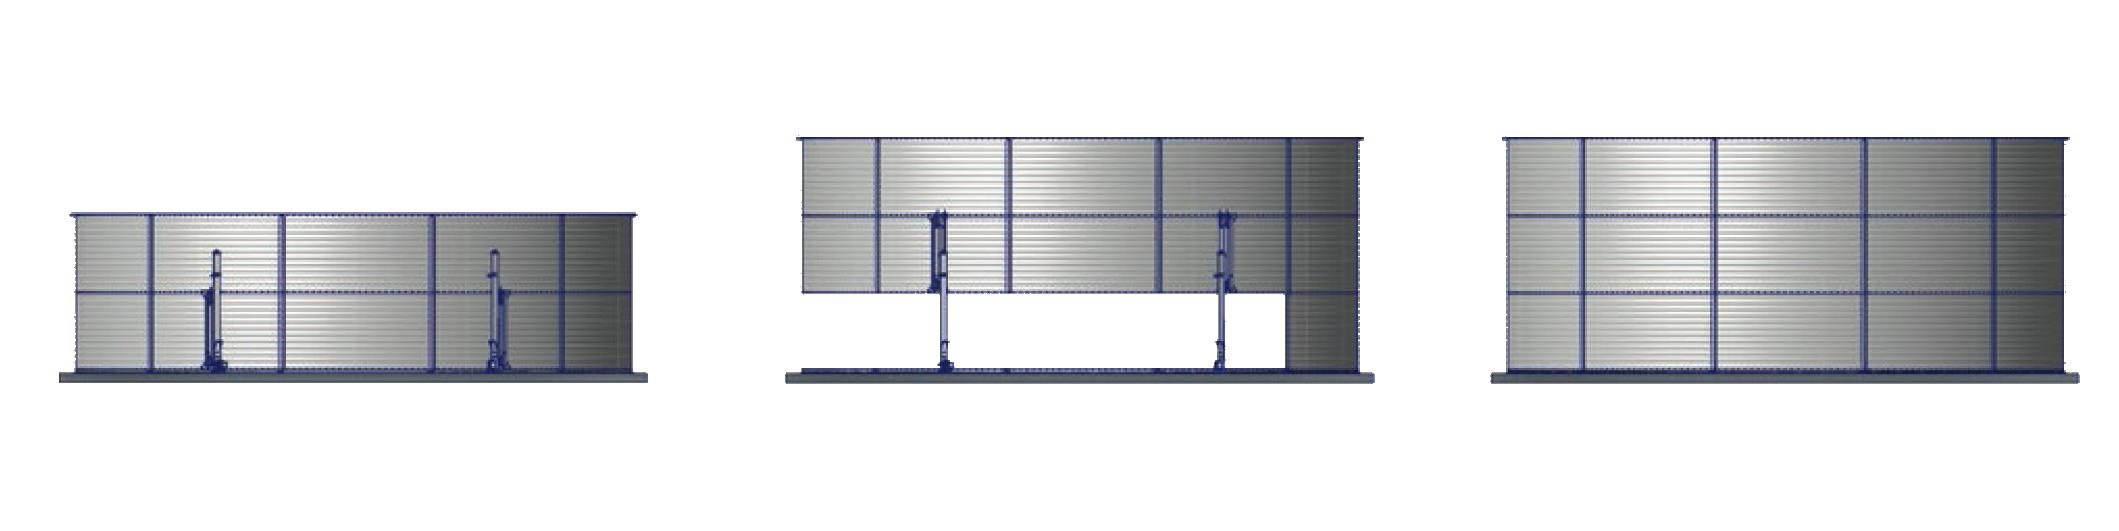 Ładowarka Podwyższanie zbiorników stalowych